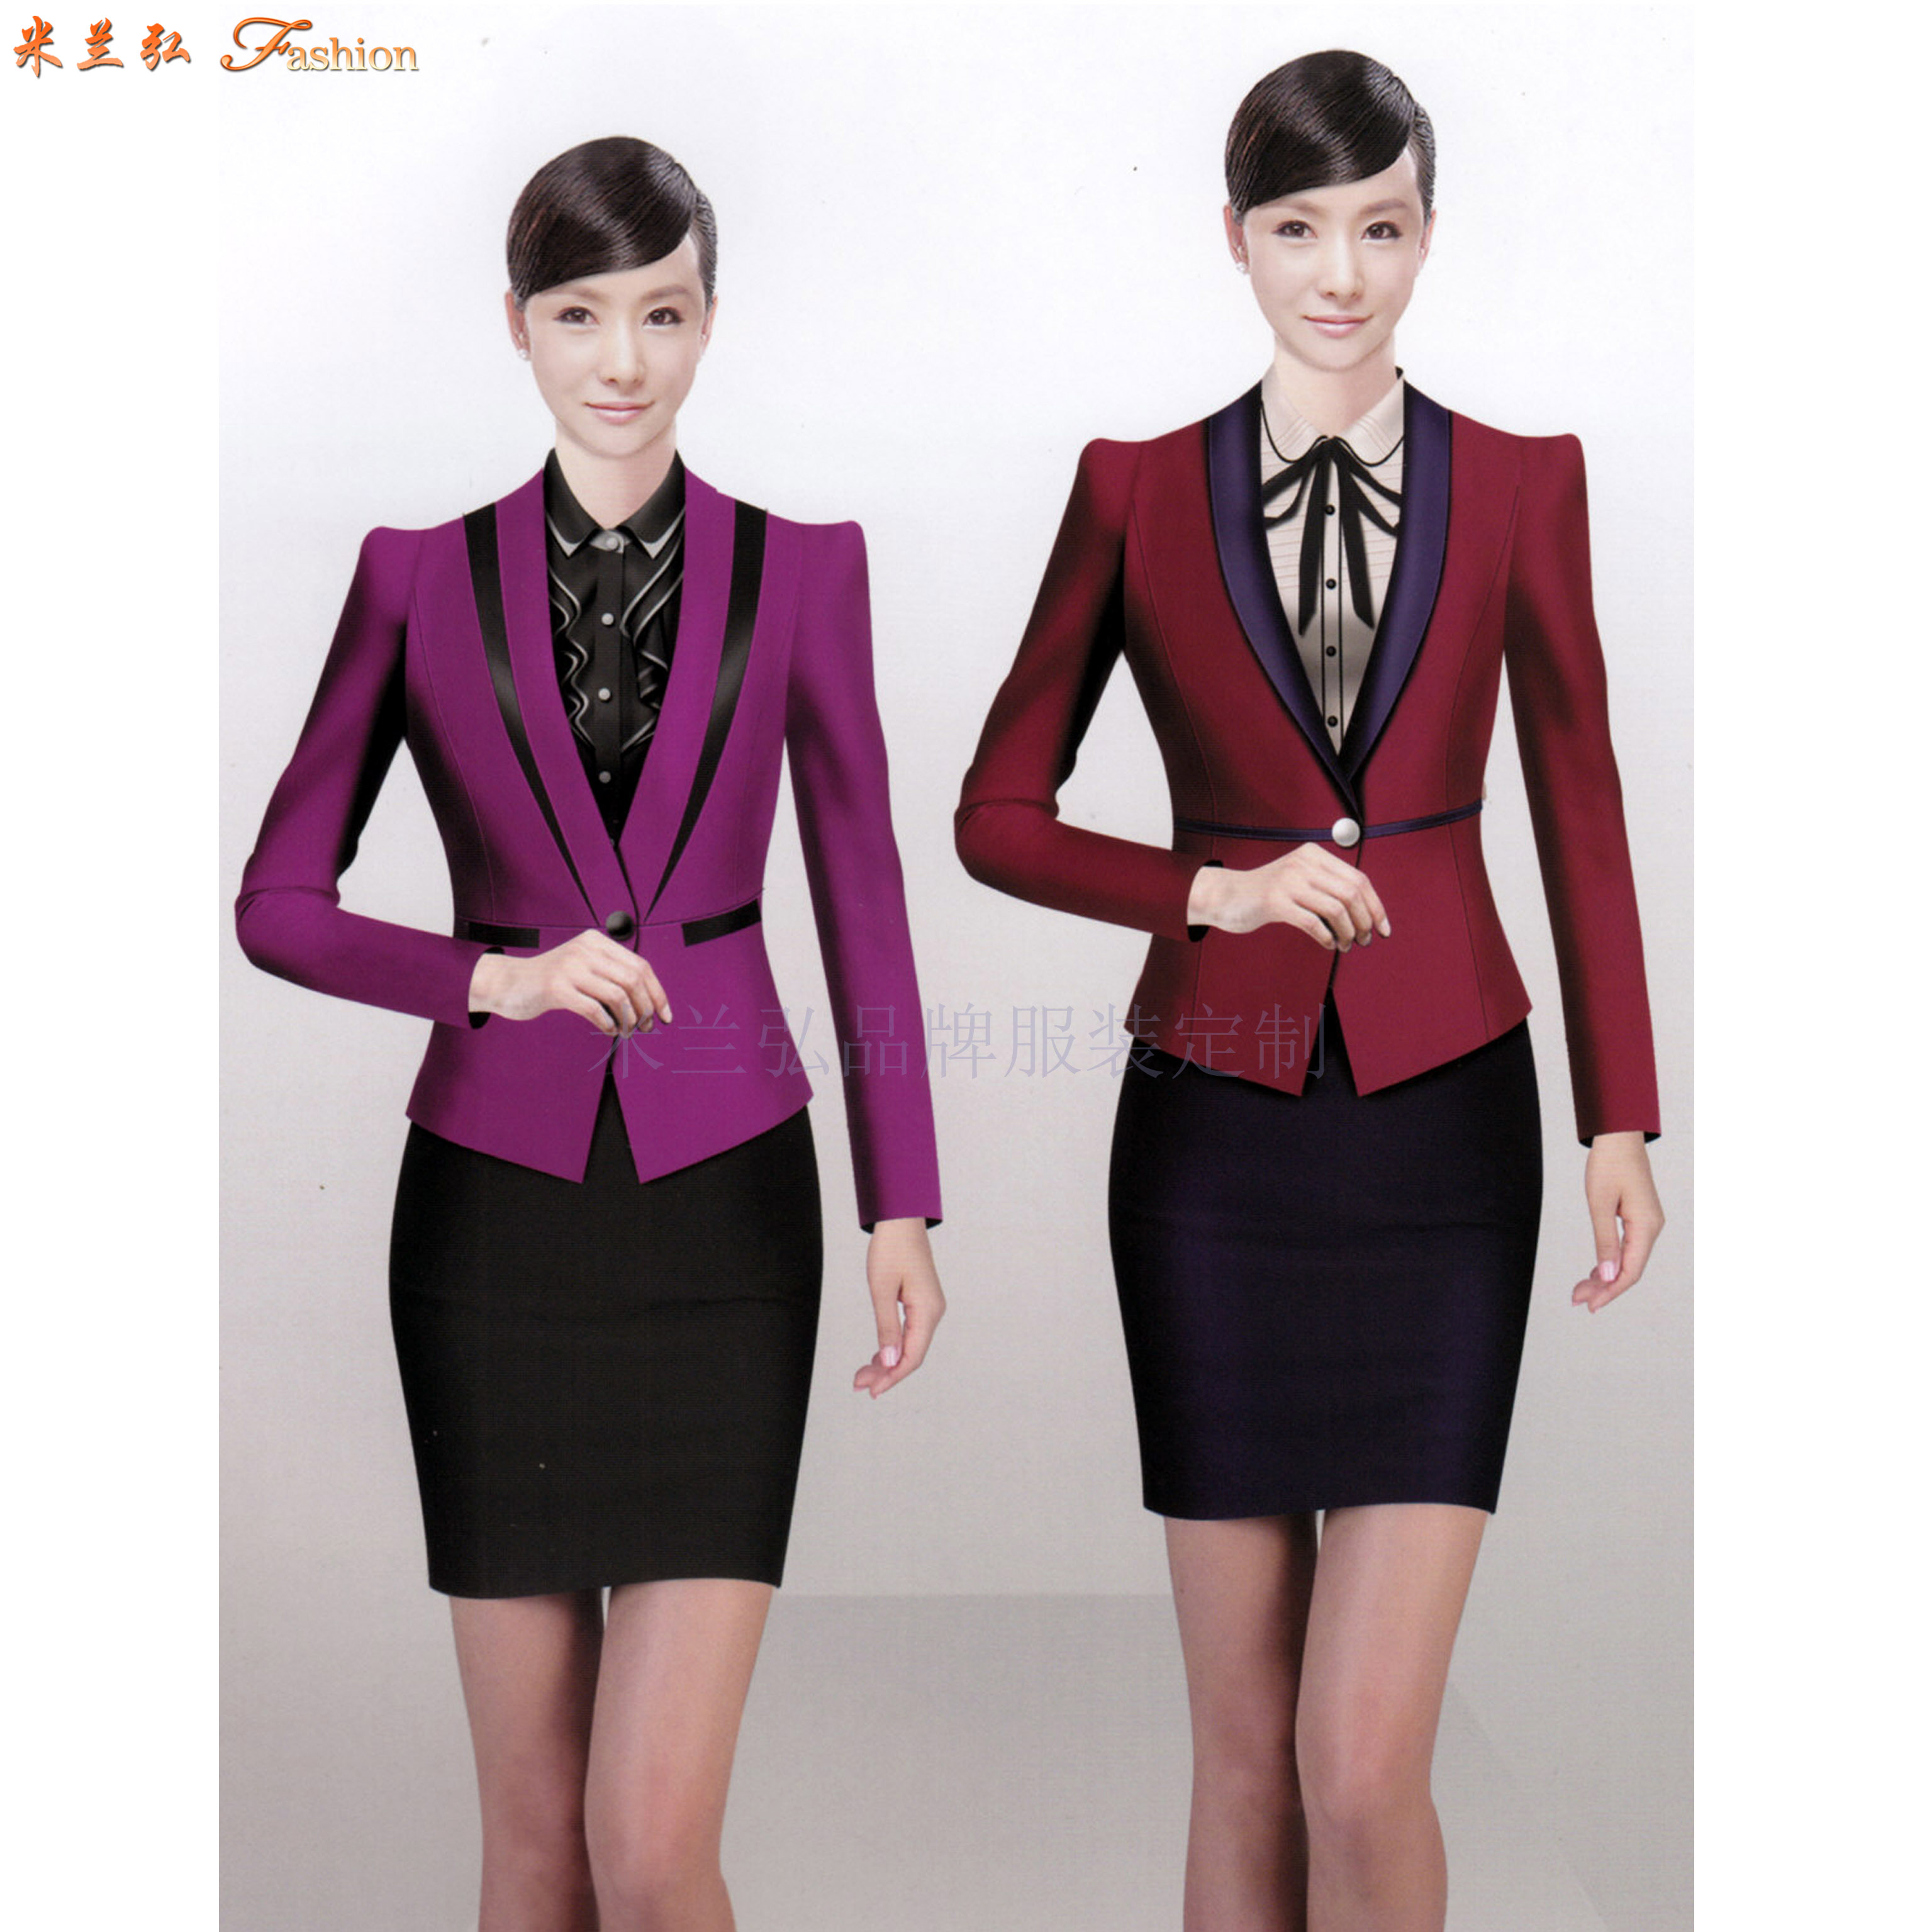 白領職業裝定做_辦公室職業裝制做_OL時尚職業裝定制👍-4